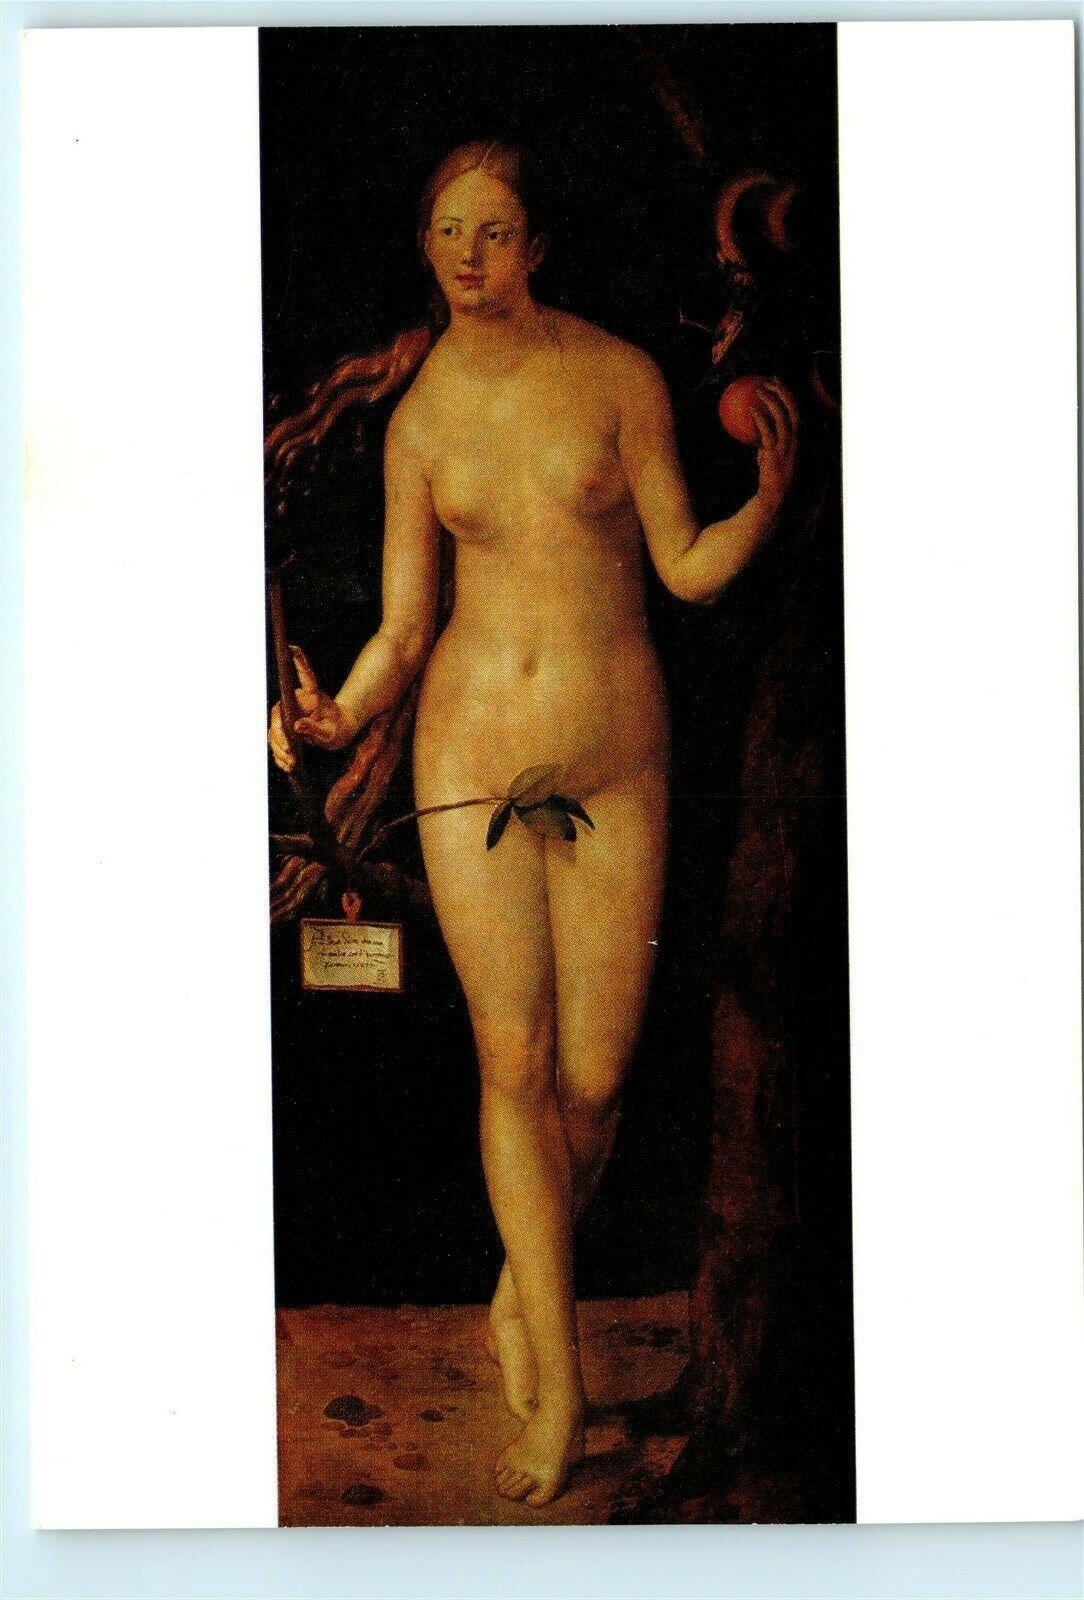 Eve Nude albrecht durer eve eva nude nudity adam and eve vintage 4x6